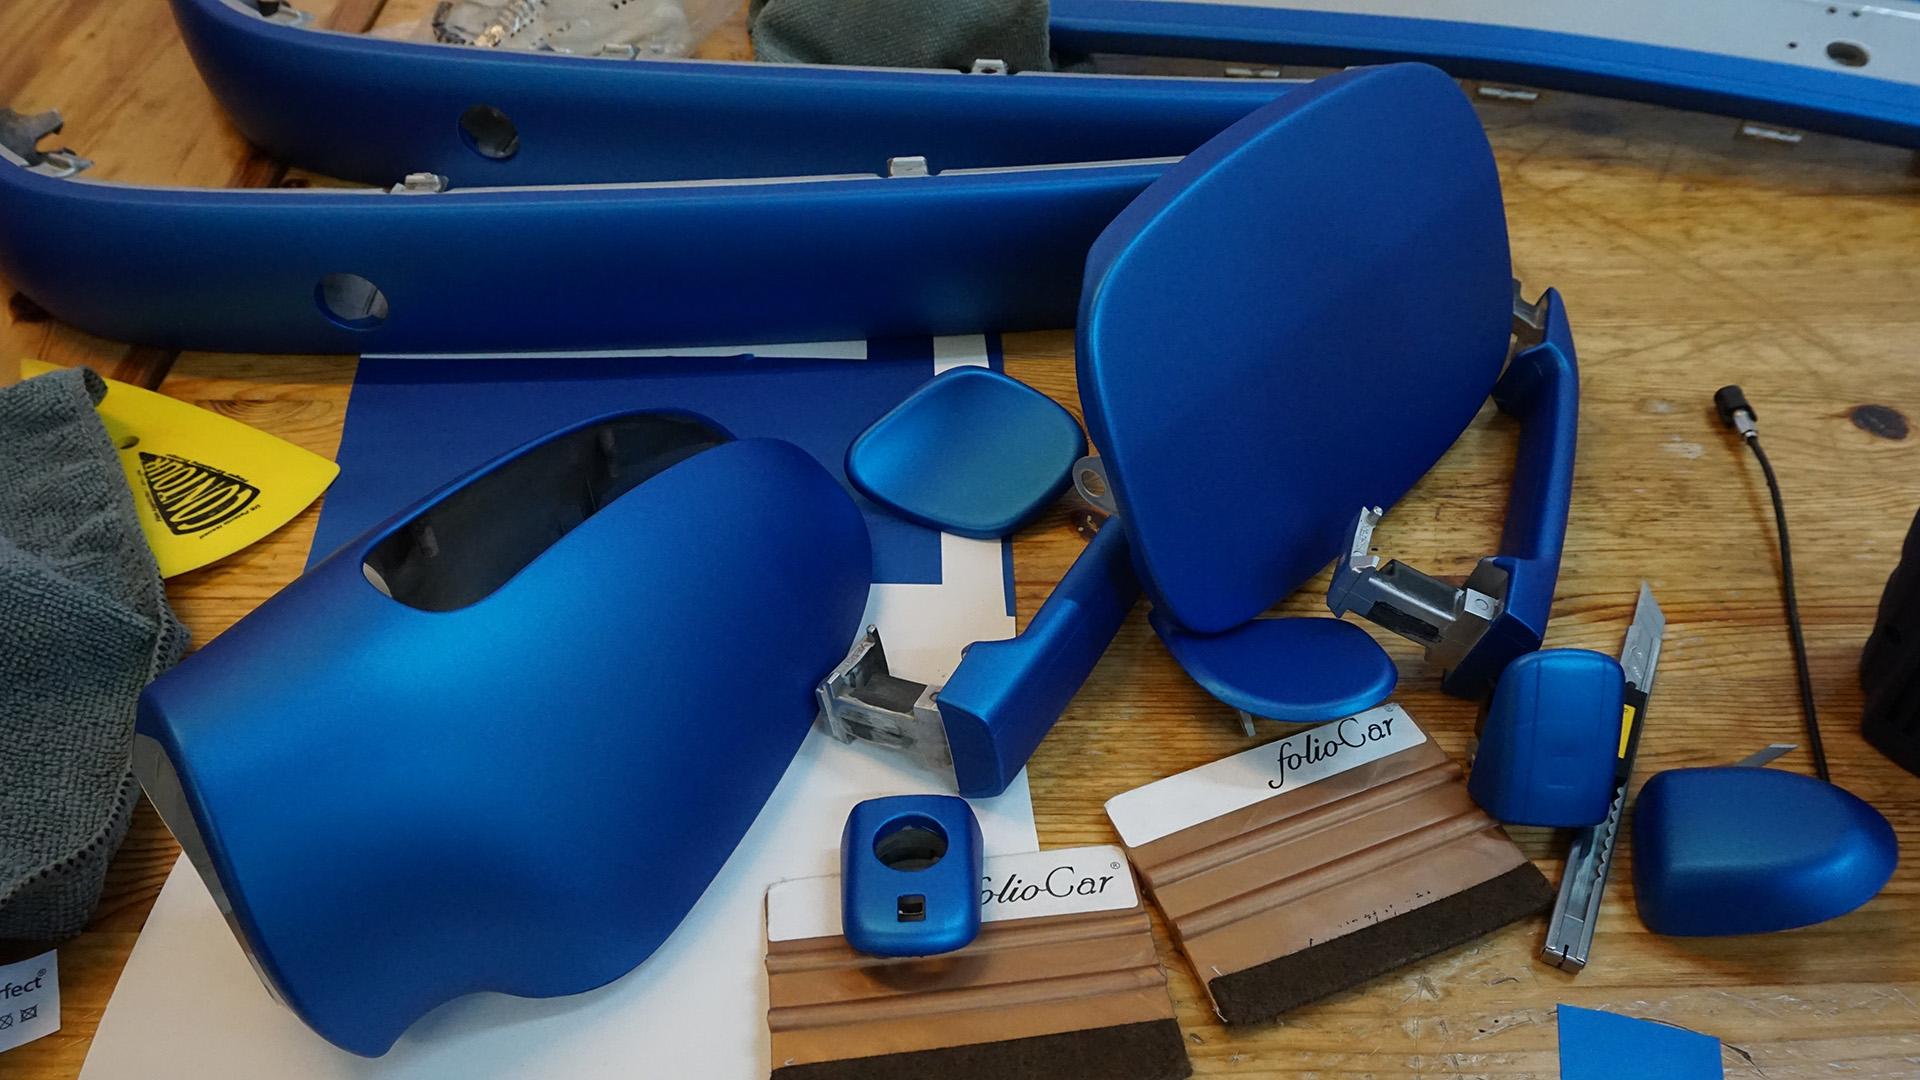 jgfolierung fahrzeugfolierung vollverklebung in hamburg bergedorf. Black Bedroom Furniture Sets. Home Design Ideas